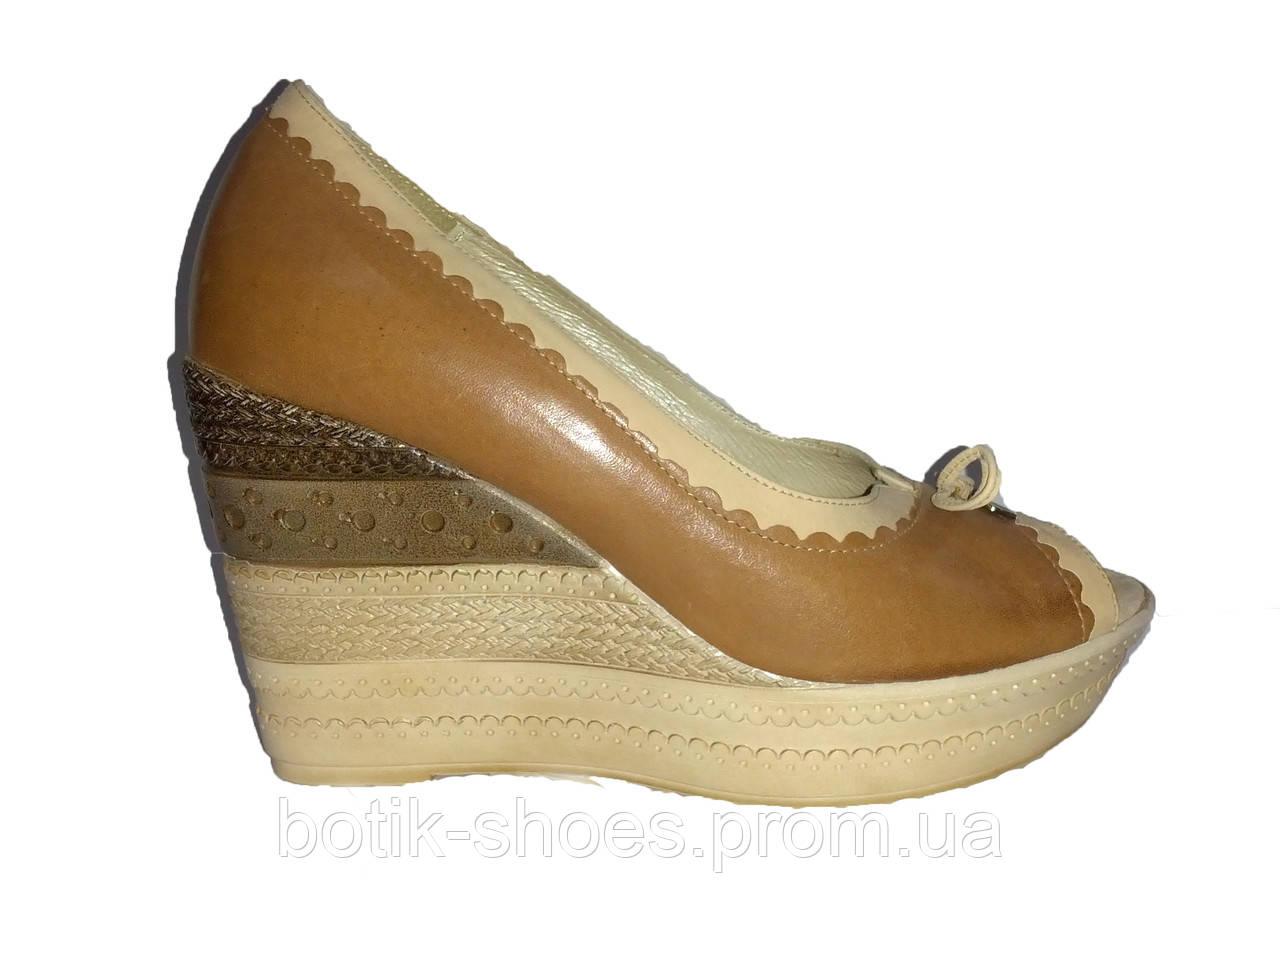 d359c717f Кожаные польские женские коричневые стильные туфли на танкетке с открытым  носком 37 Kordel - интернет-